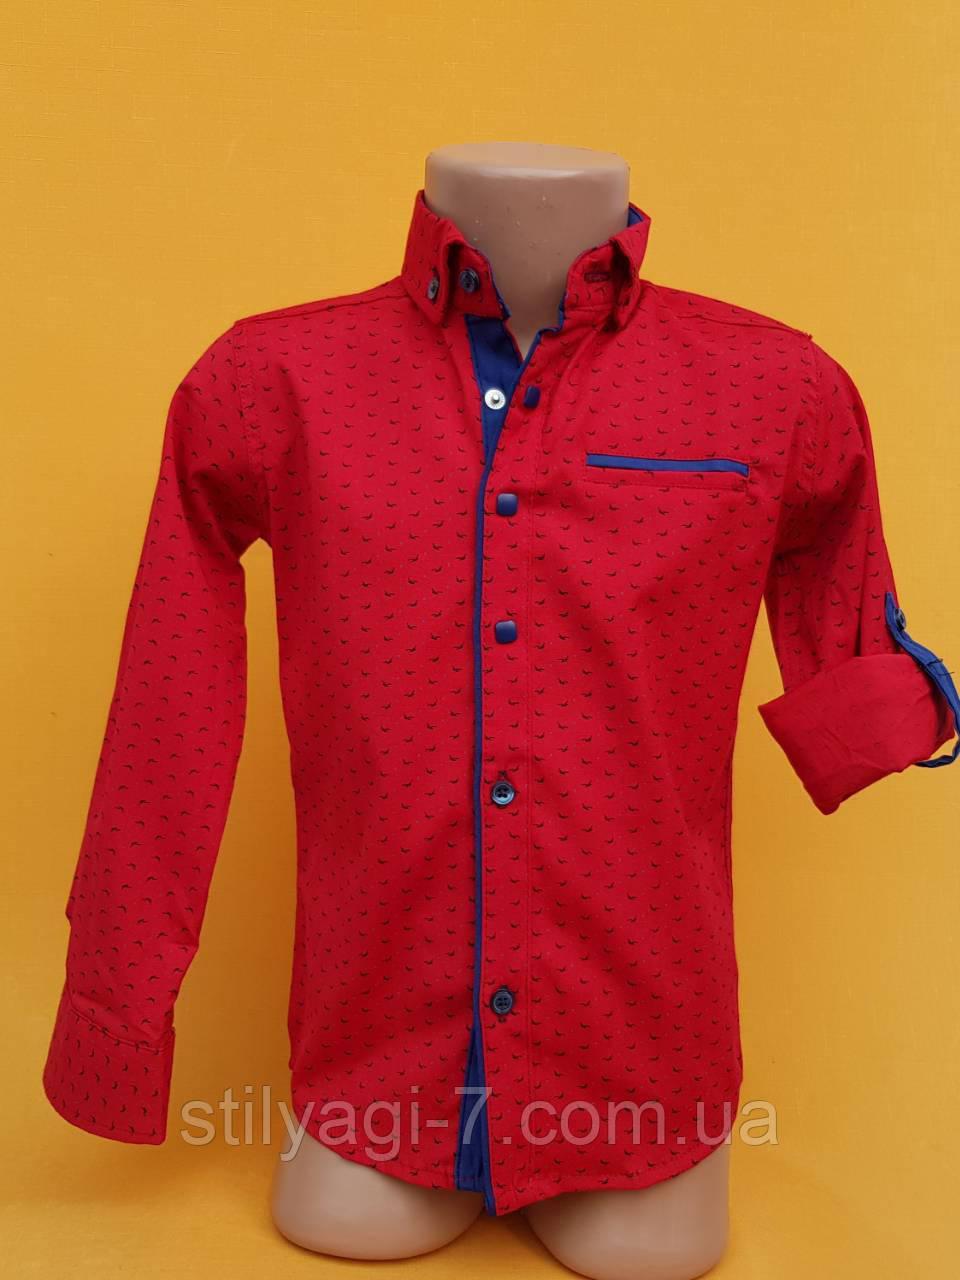 Рубашка на мальчика 6-11 лет красного цвета с окантовкой с длинным рукавом оптом